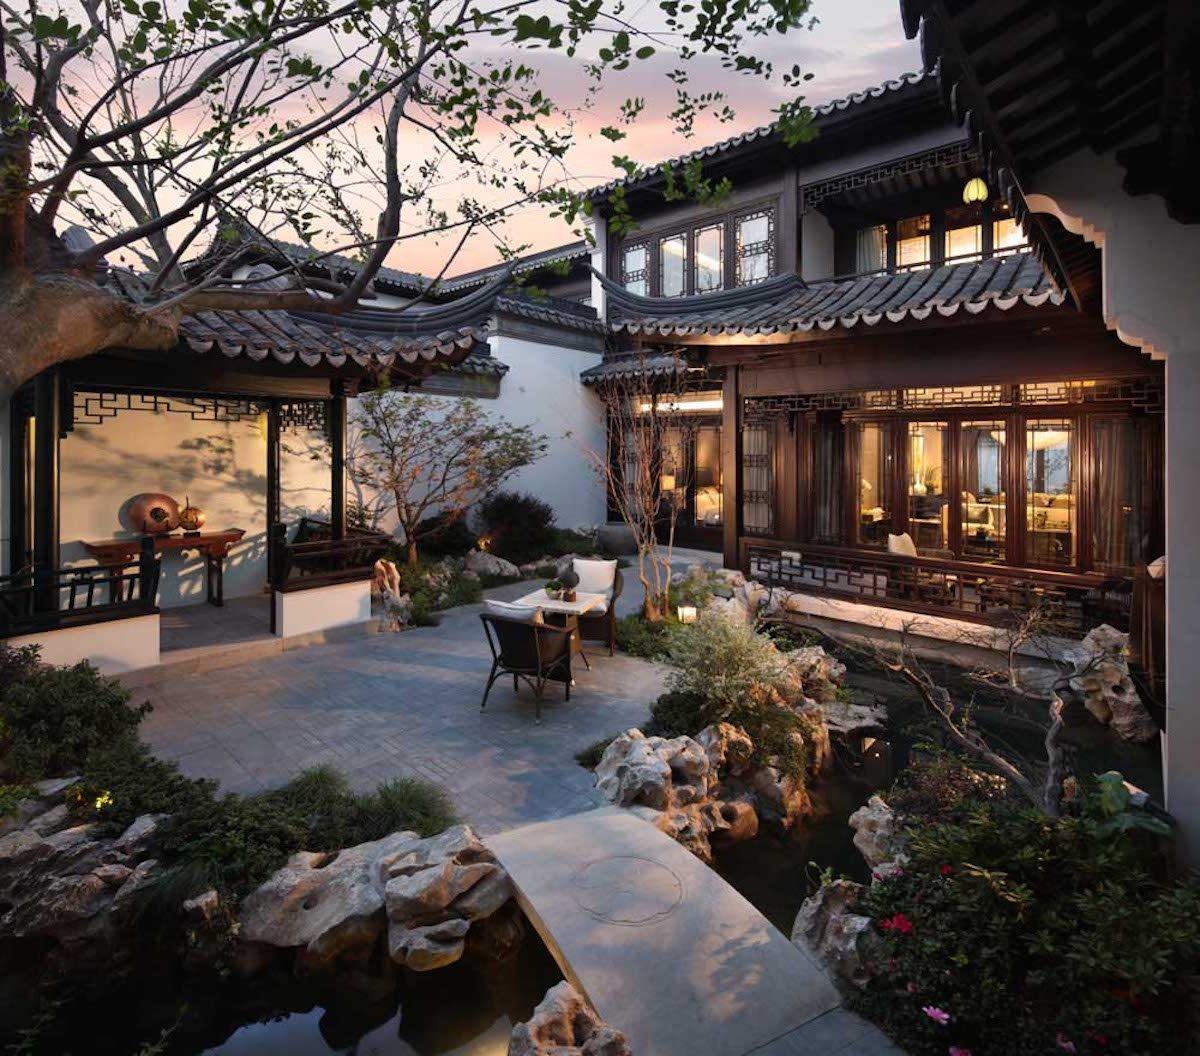 На улице много пространства для отдыха и несколько двориков.